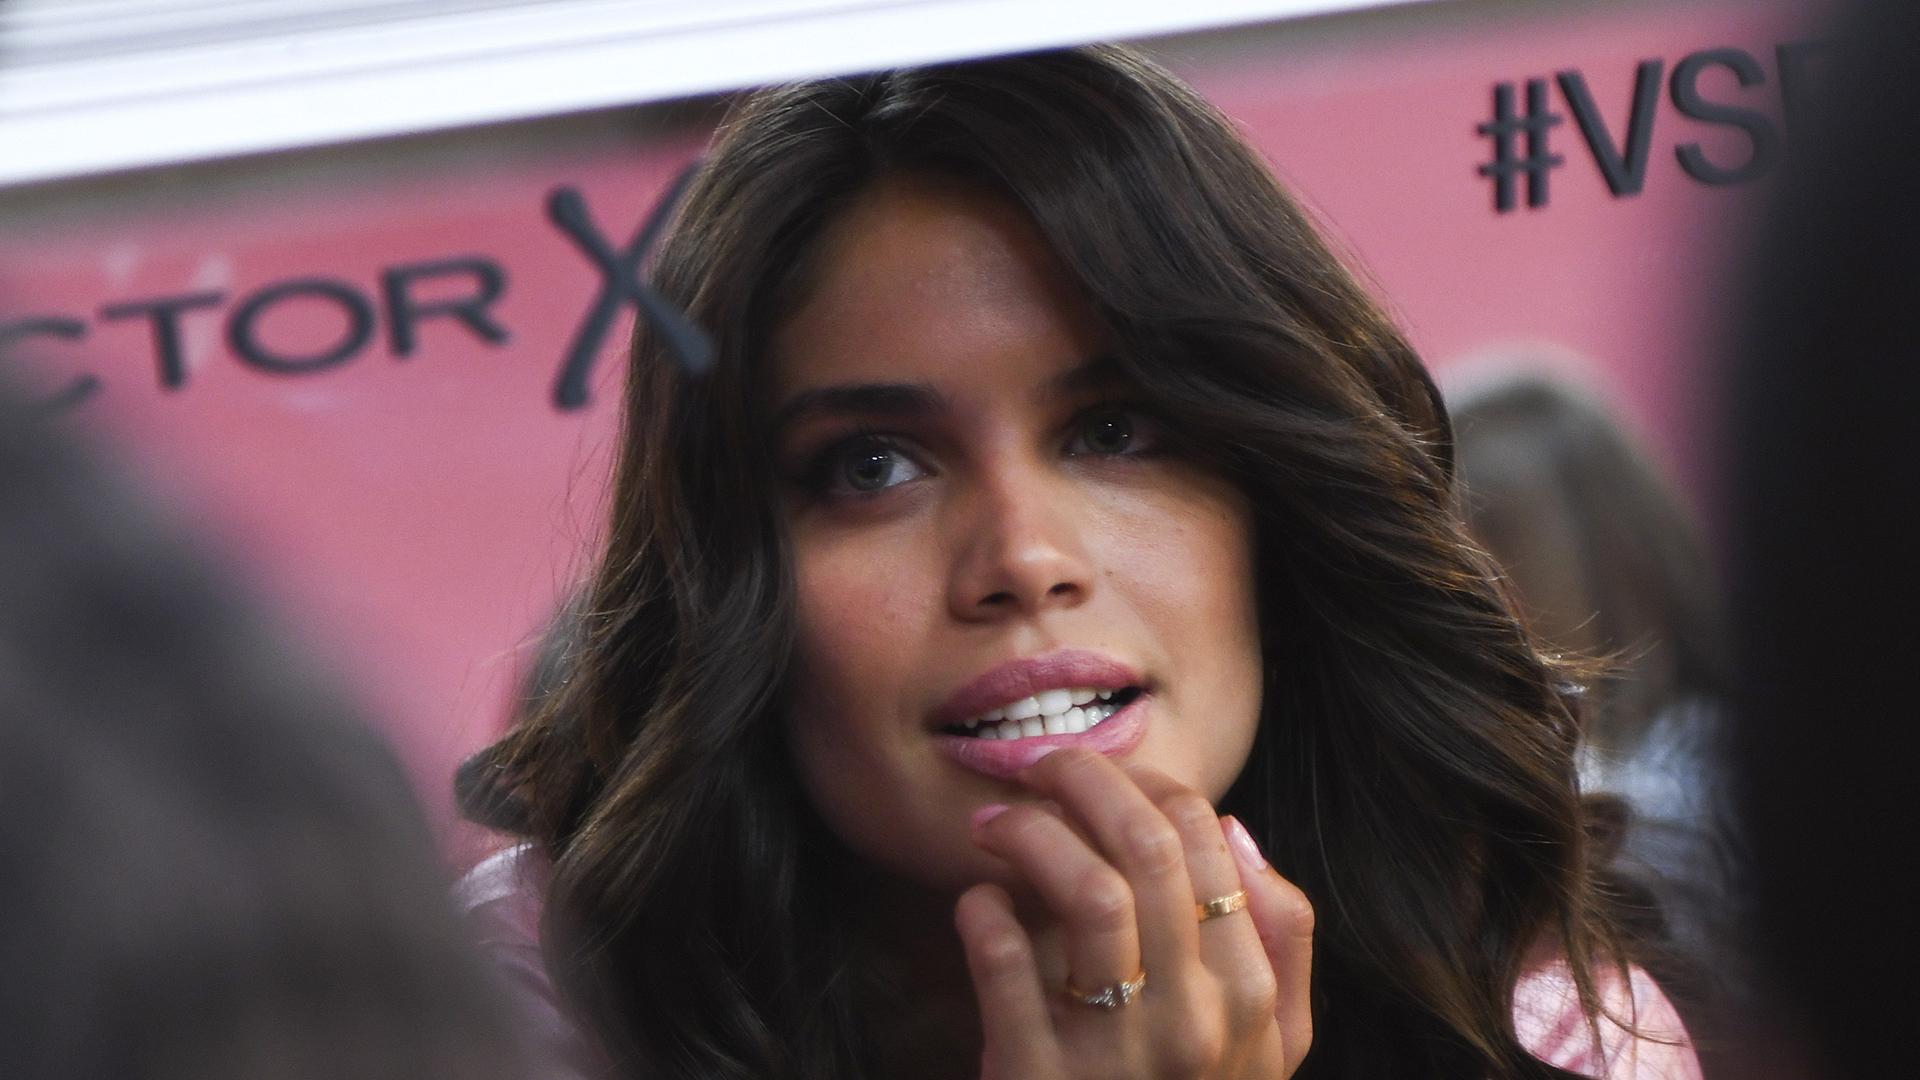 Angel Sara Sampaio takes one last look before hitting the runway.